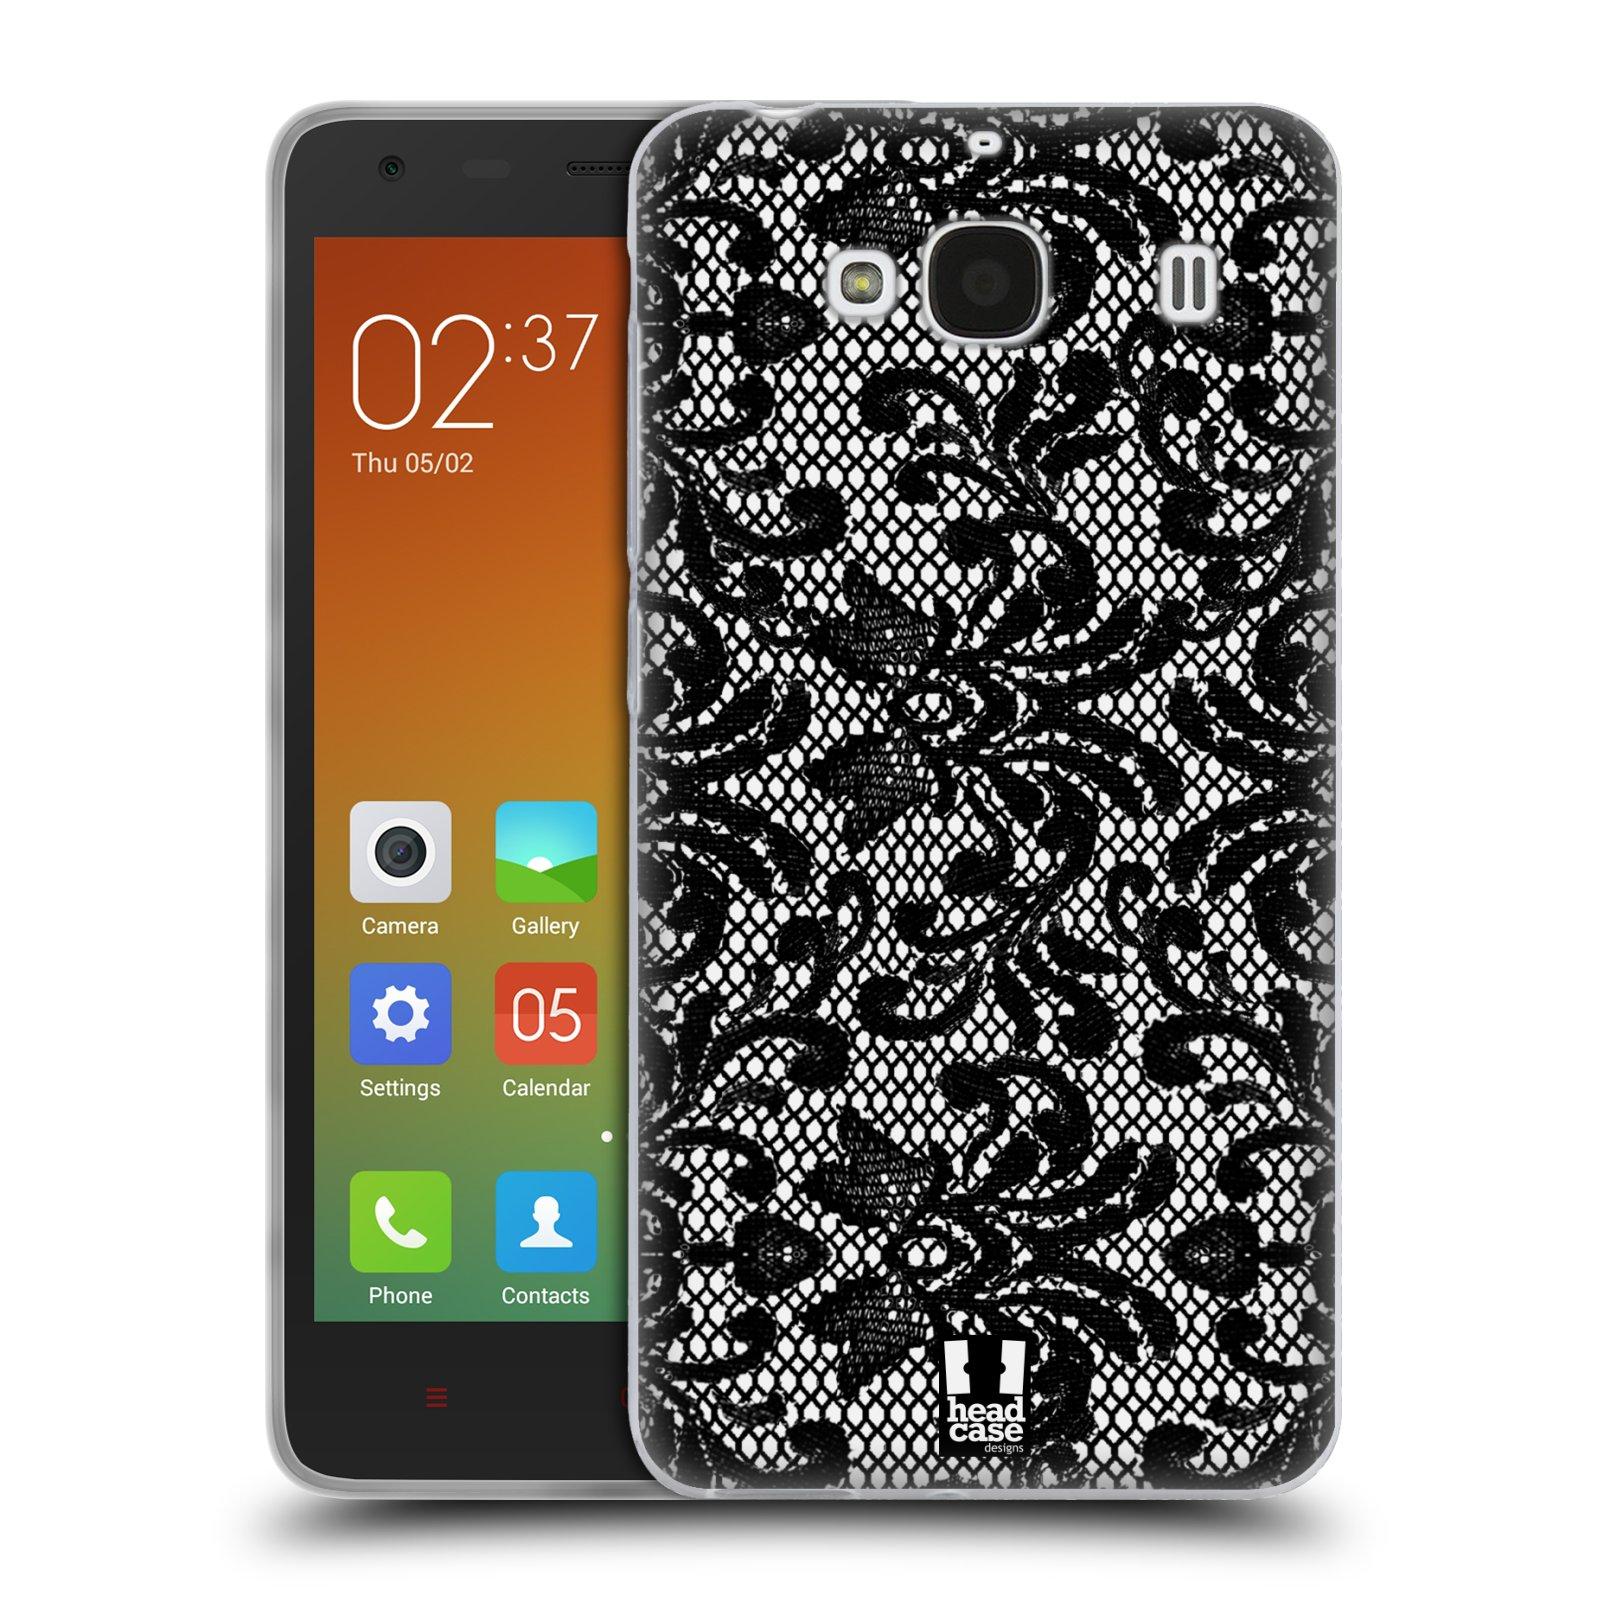 Silikonové pouzdro na mobil Xiaomi Redmi 2 HEAD CASE KRAJKA (Silikonový kryt či obal na mobilní telefon Xiaomi Redmi 2)